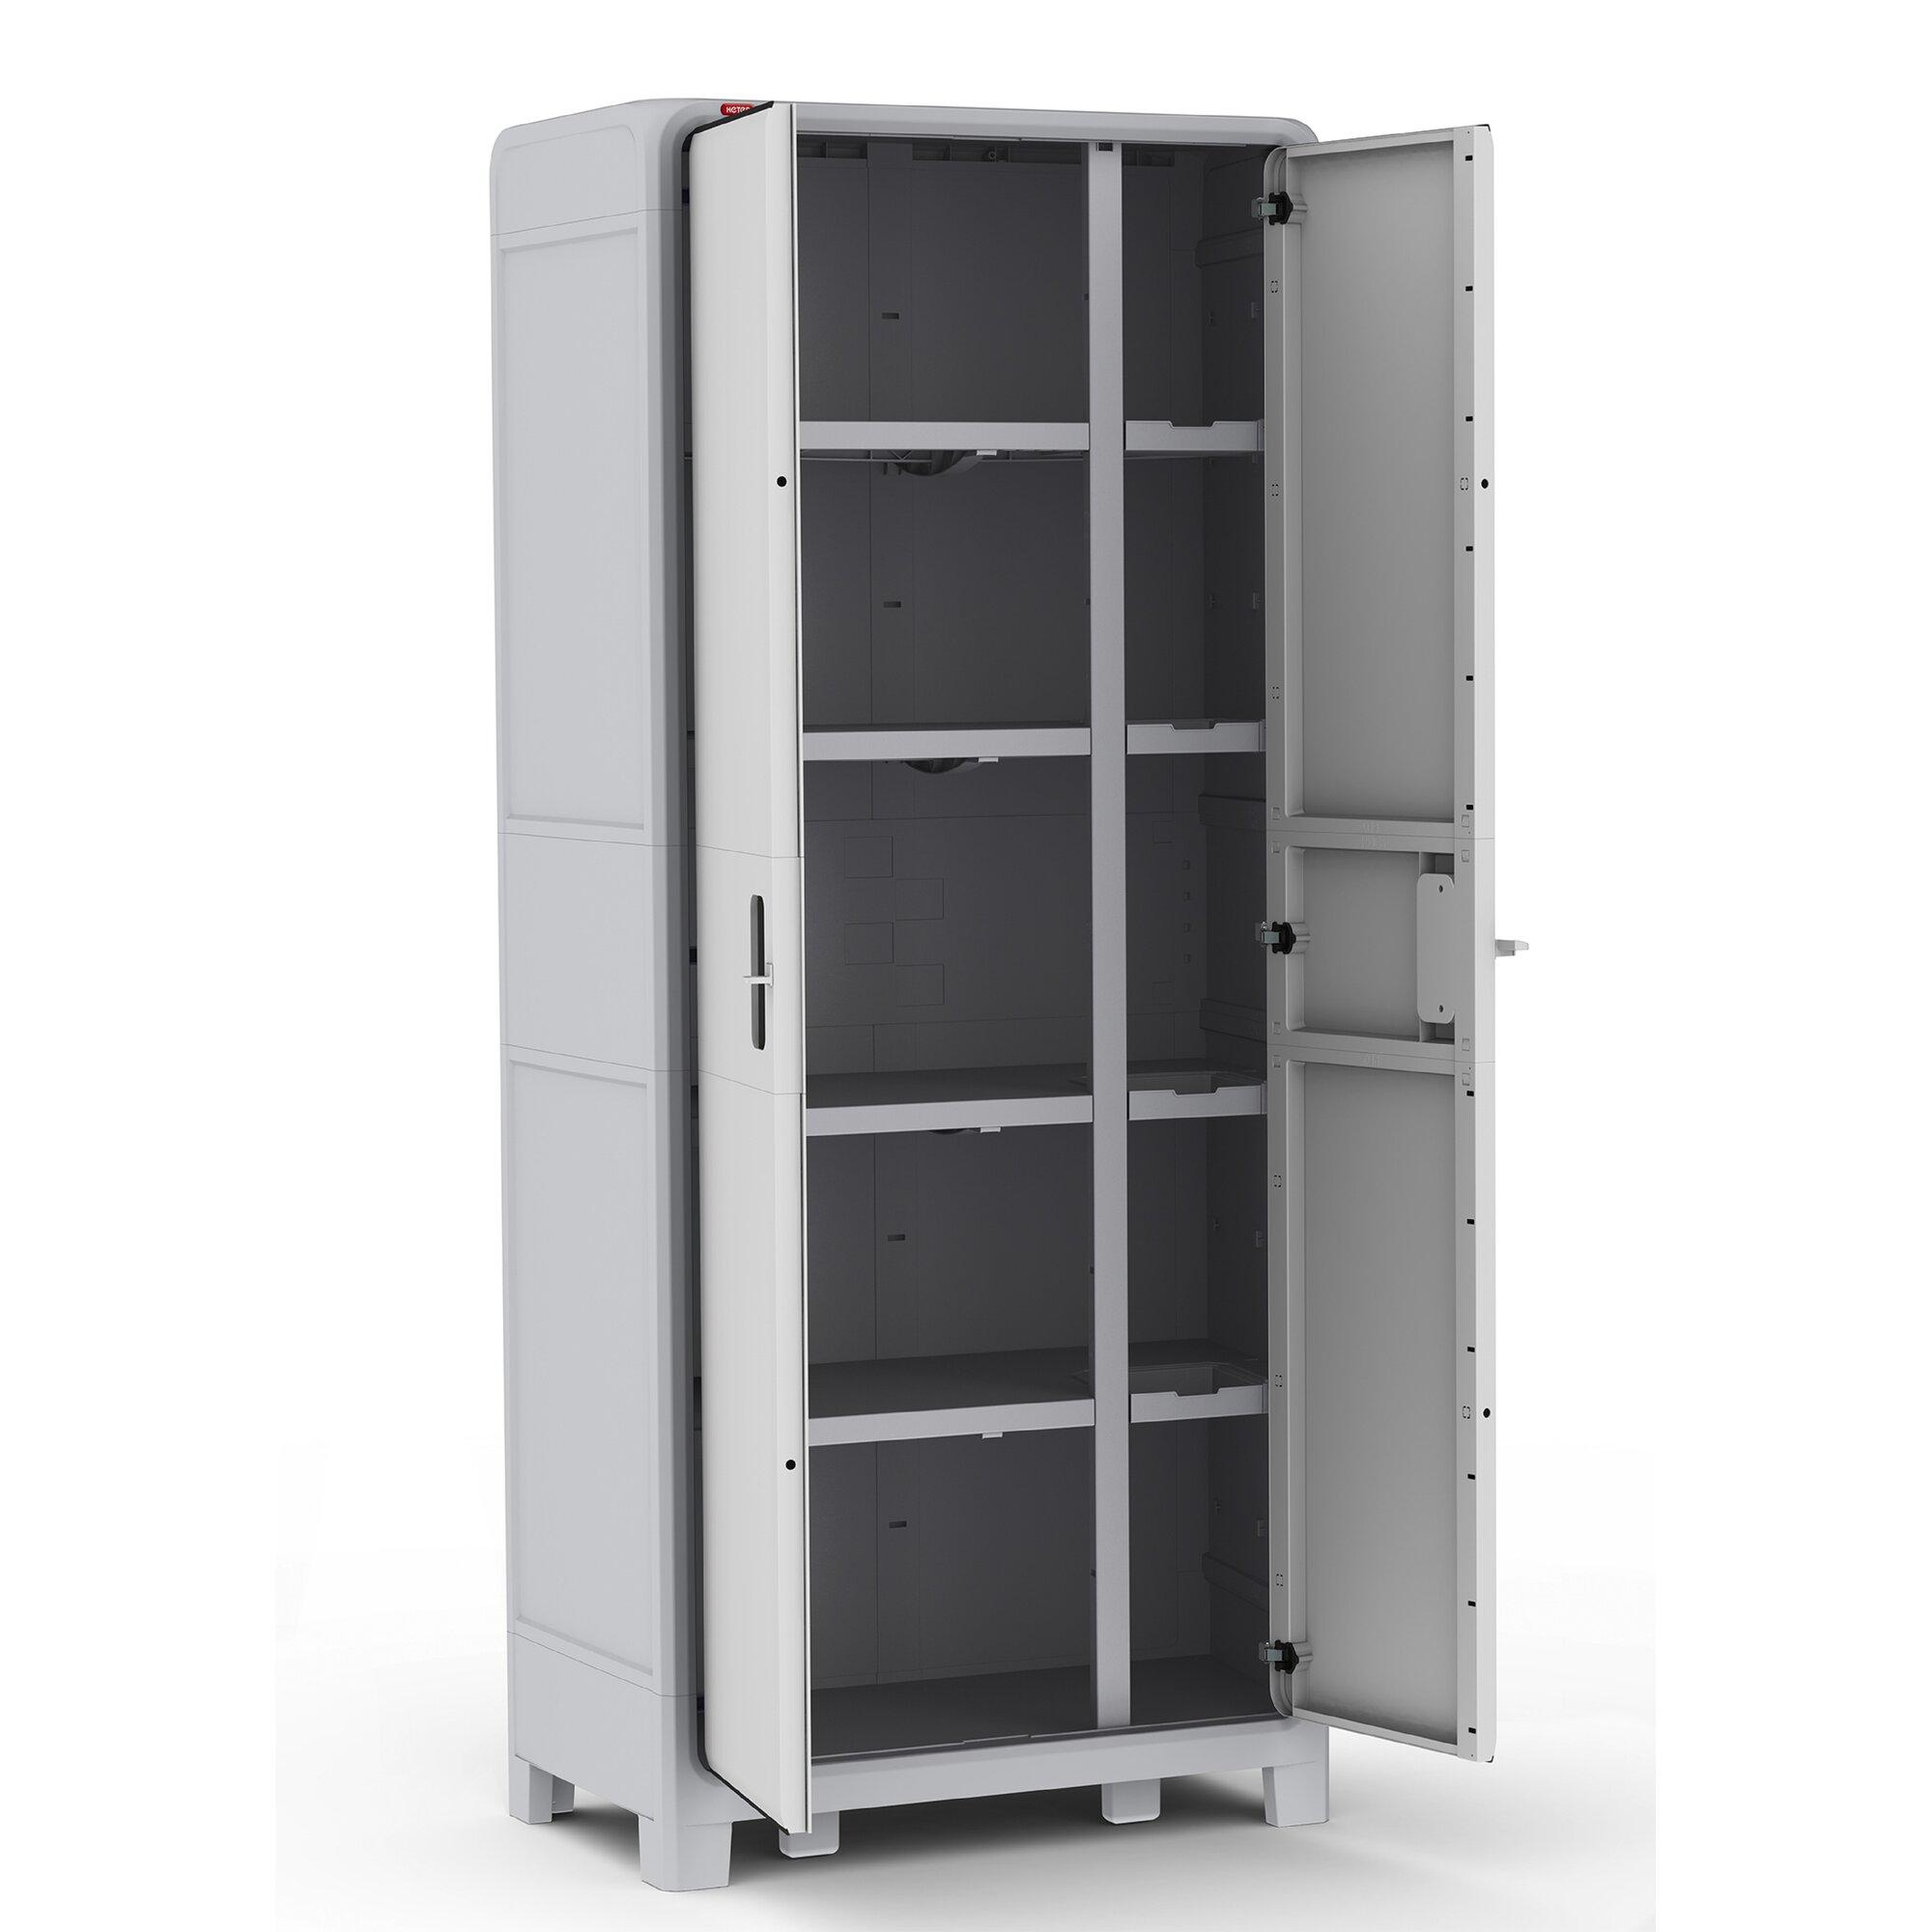 Optima Wonder Plastic 72 H x 31 W x 18 D Storage Cabinet – Locker Storage Cabinet